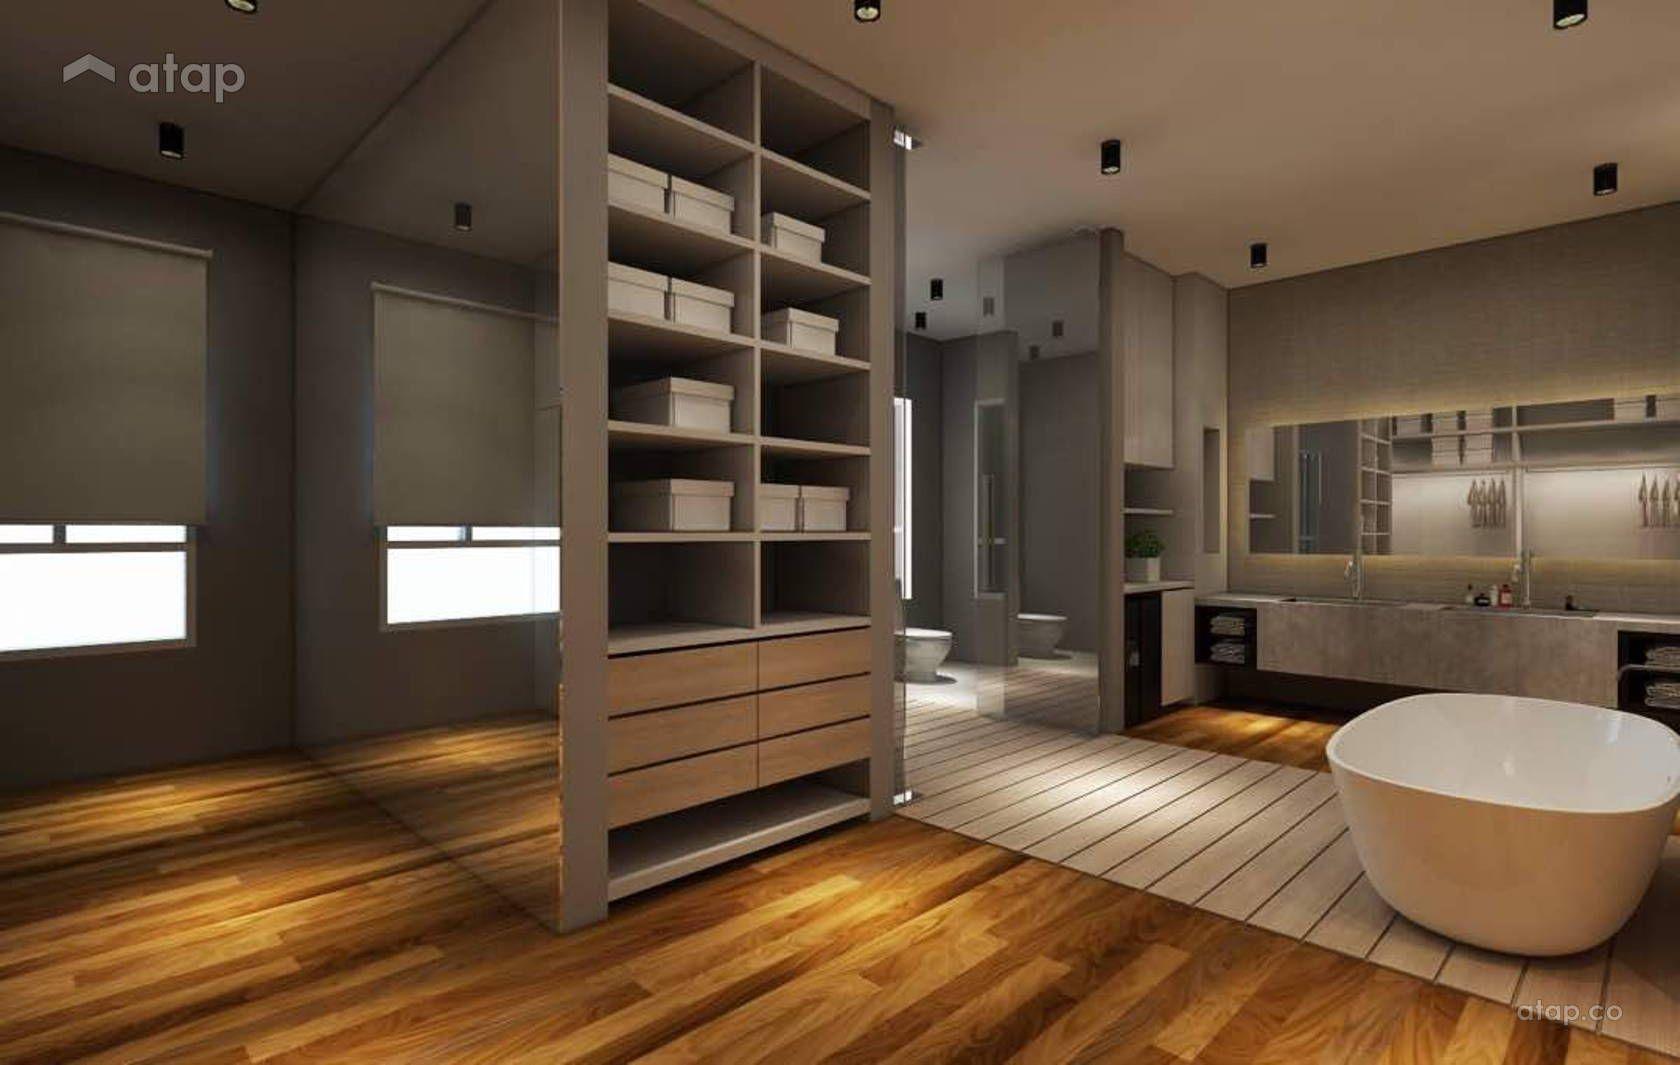 Modern zen bathroom terrace design ideas & photos malaysia atap.co